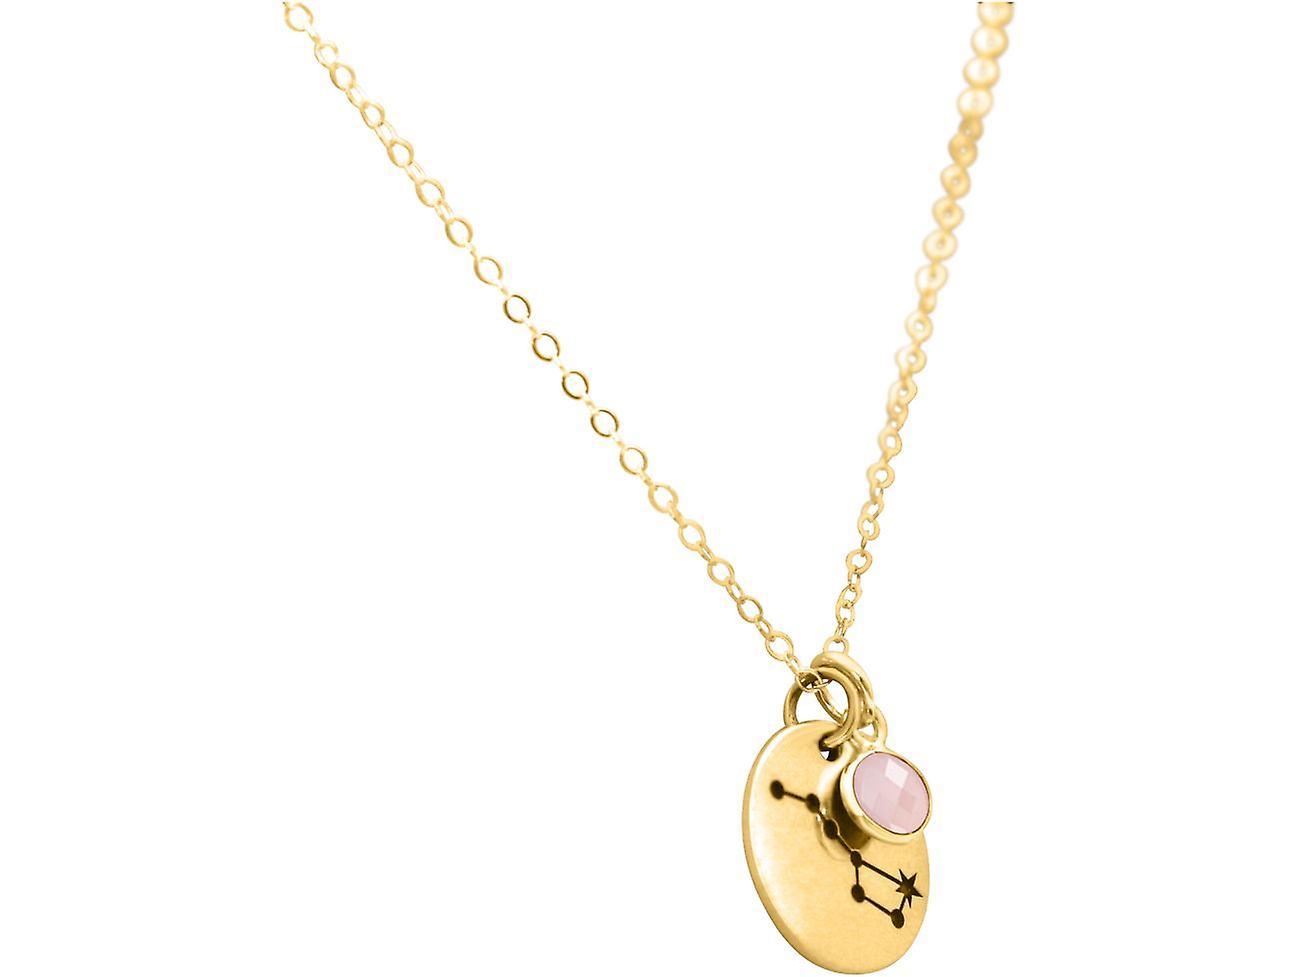 Konstellation Halskette Großer Bär, Wagen 925 Silber, vergoldet, rose Rosenquarz